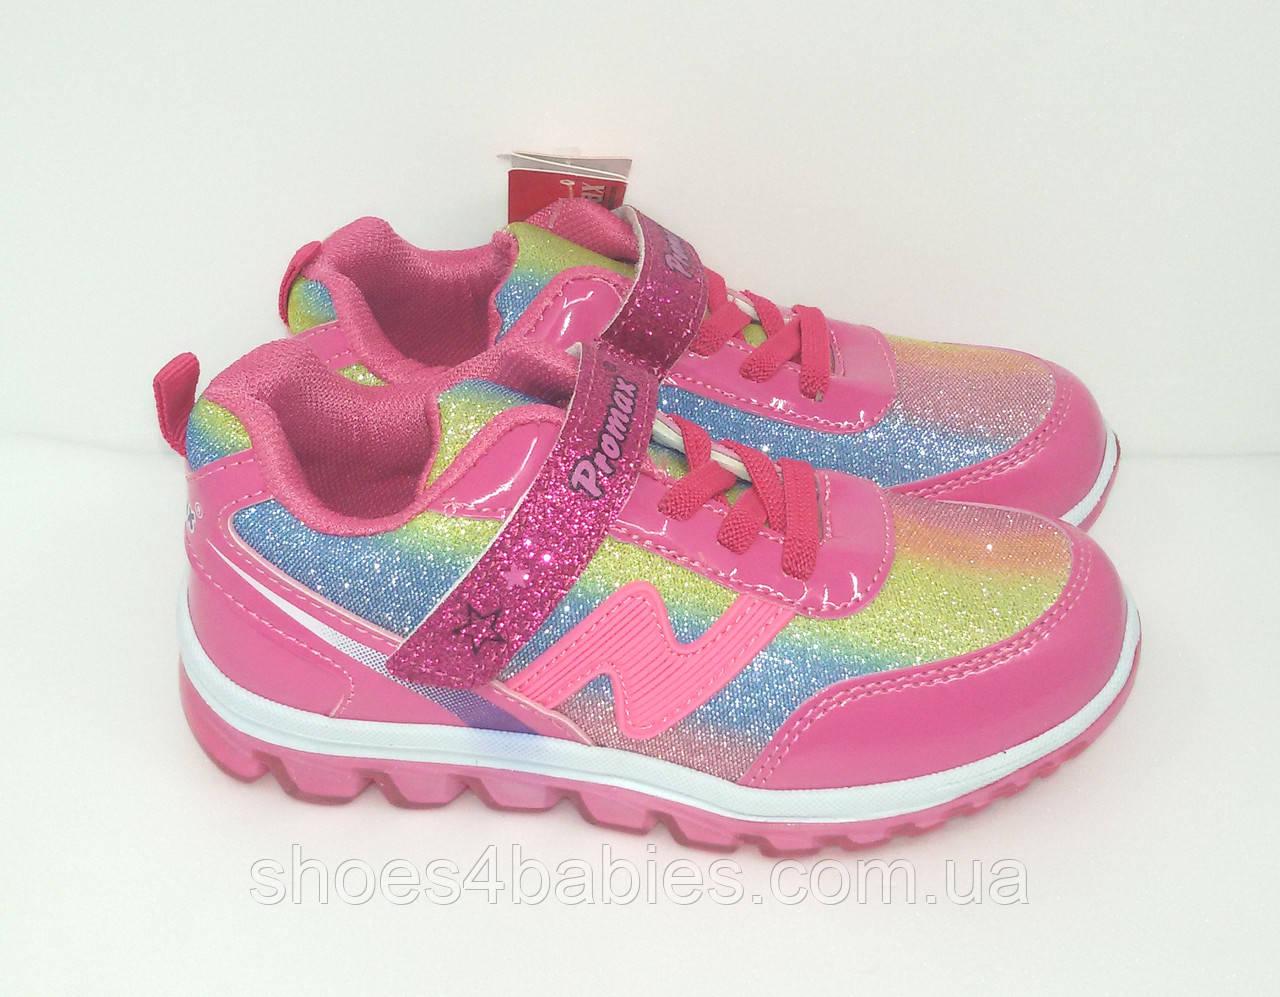 Детские кроссовки для девочек р. 33-35